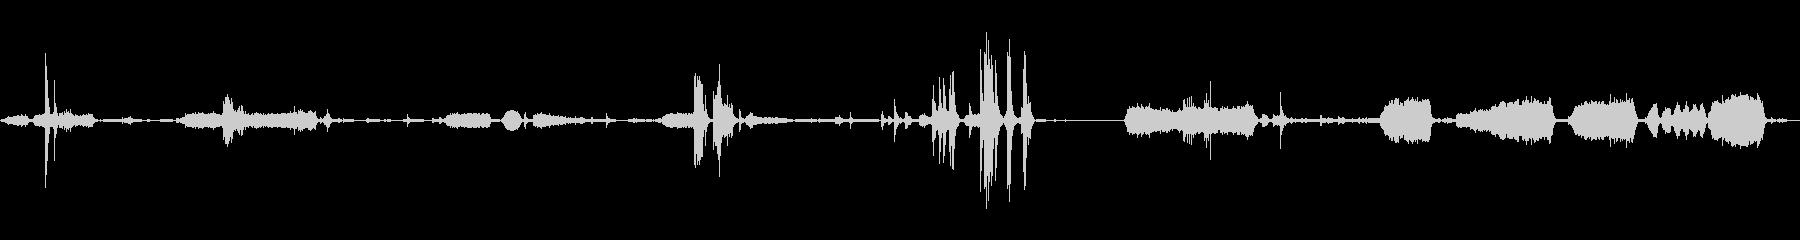 スクリュードライバー、電動、ハンド...の未再生の波形